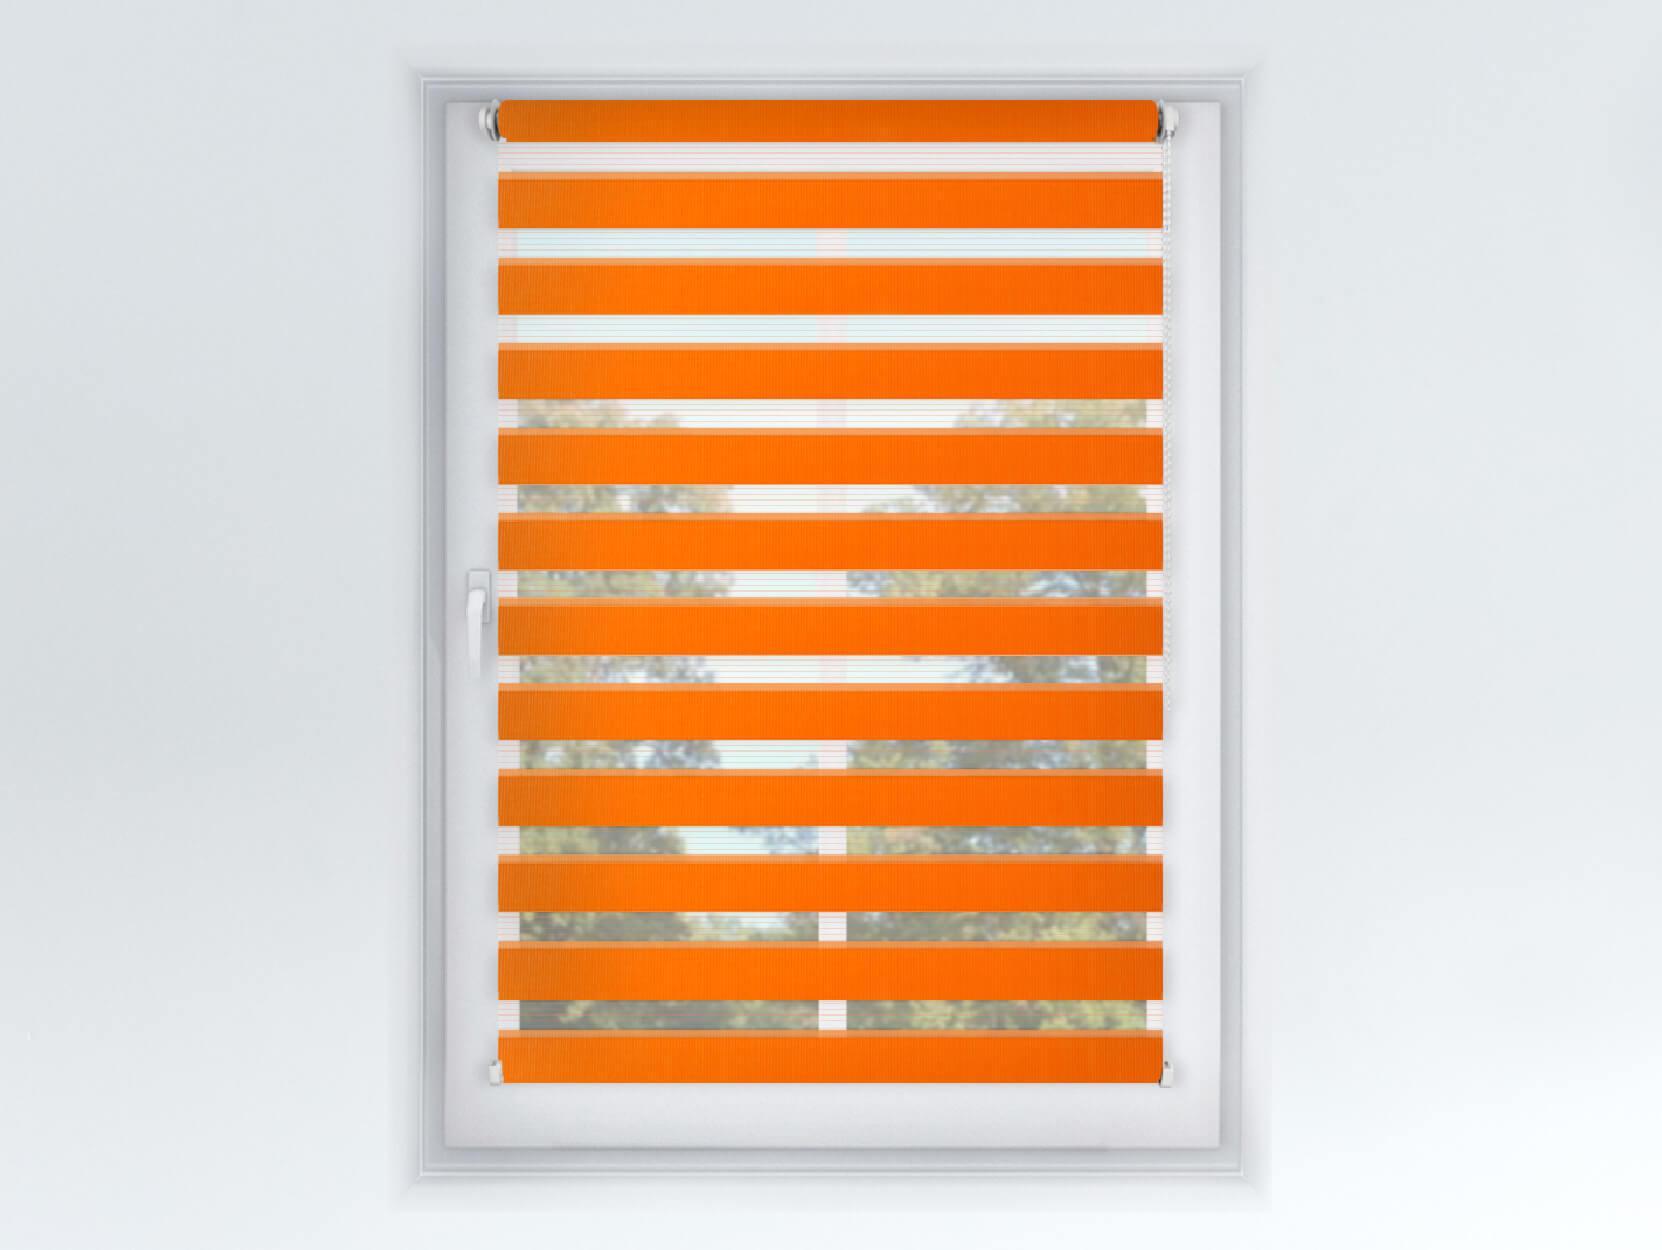 Roleta Deň a noc, Origin slim mandarínka, A 033 Šírka rolety: 30 cm, Výška rolety: 150 cm, Strana a farba mechanizmu: Pravá - Biela